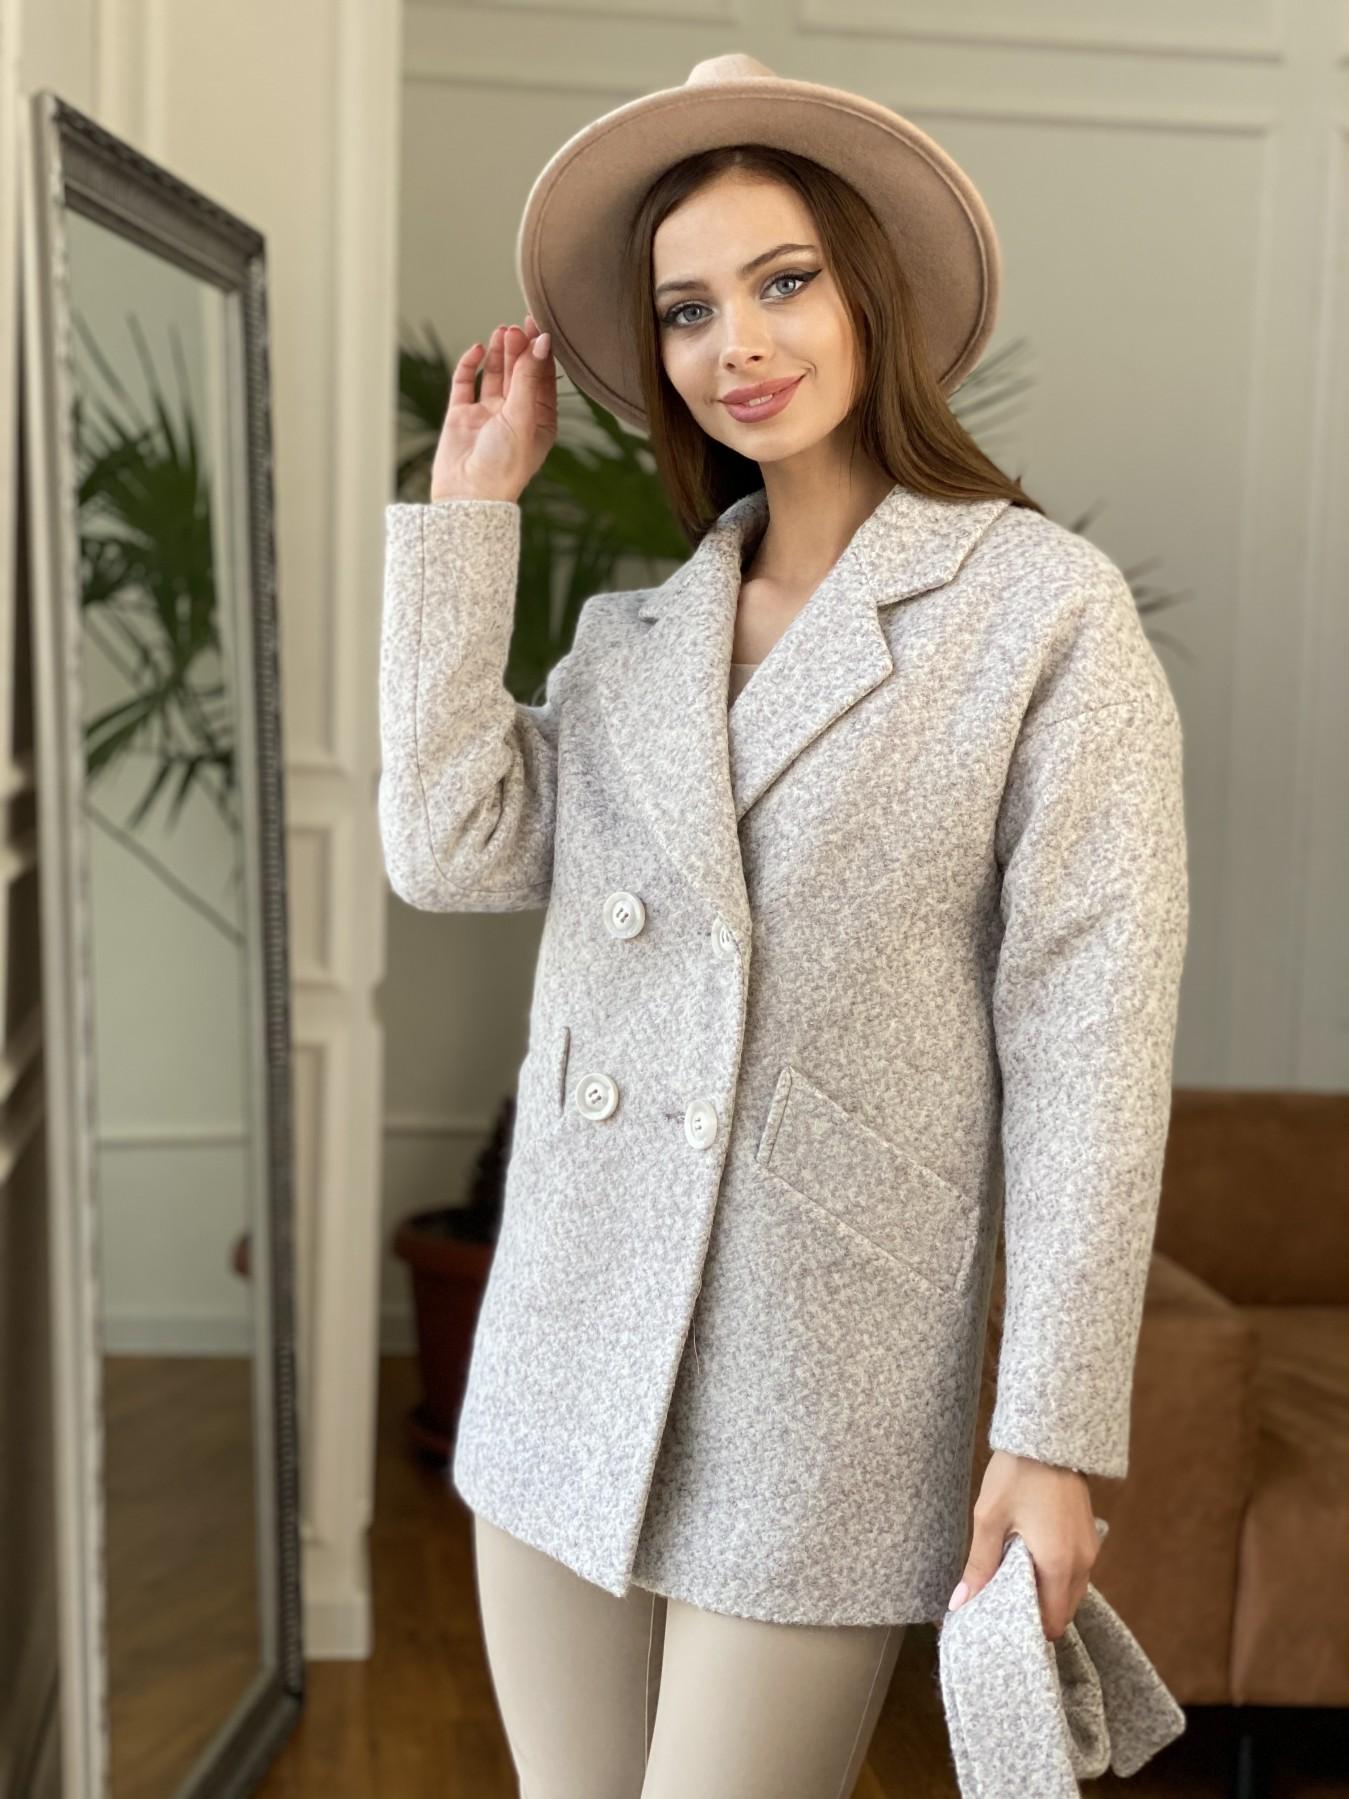 Бонд пальто из шерсти букле  10770 АРТ. 47496 Цвет: Серо-бежевый - фото 2, интернет магазин tm-modus.ru